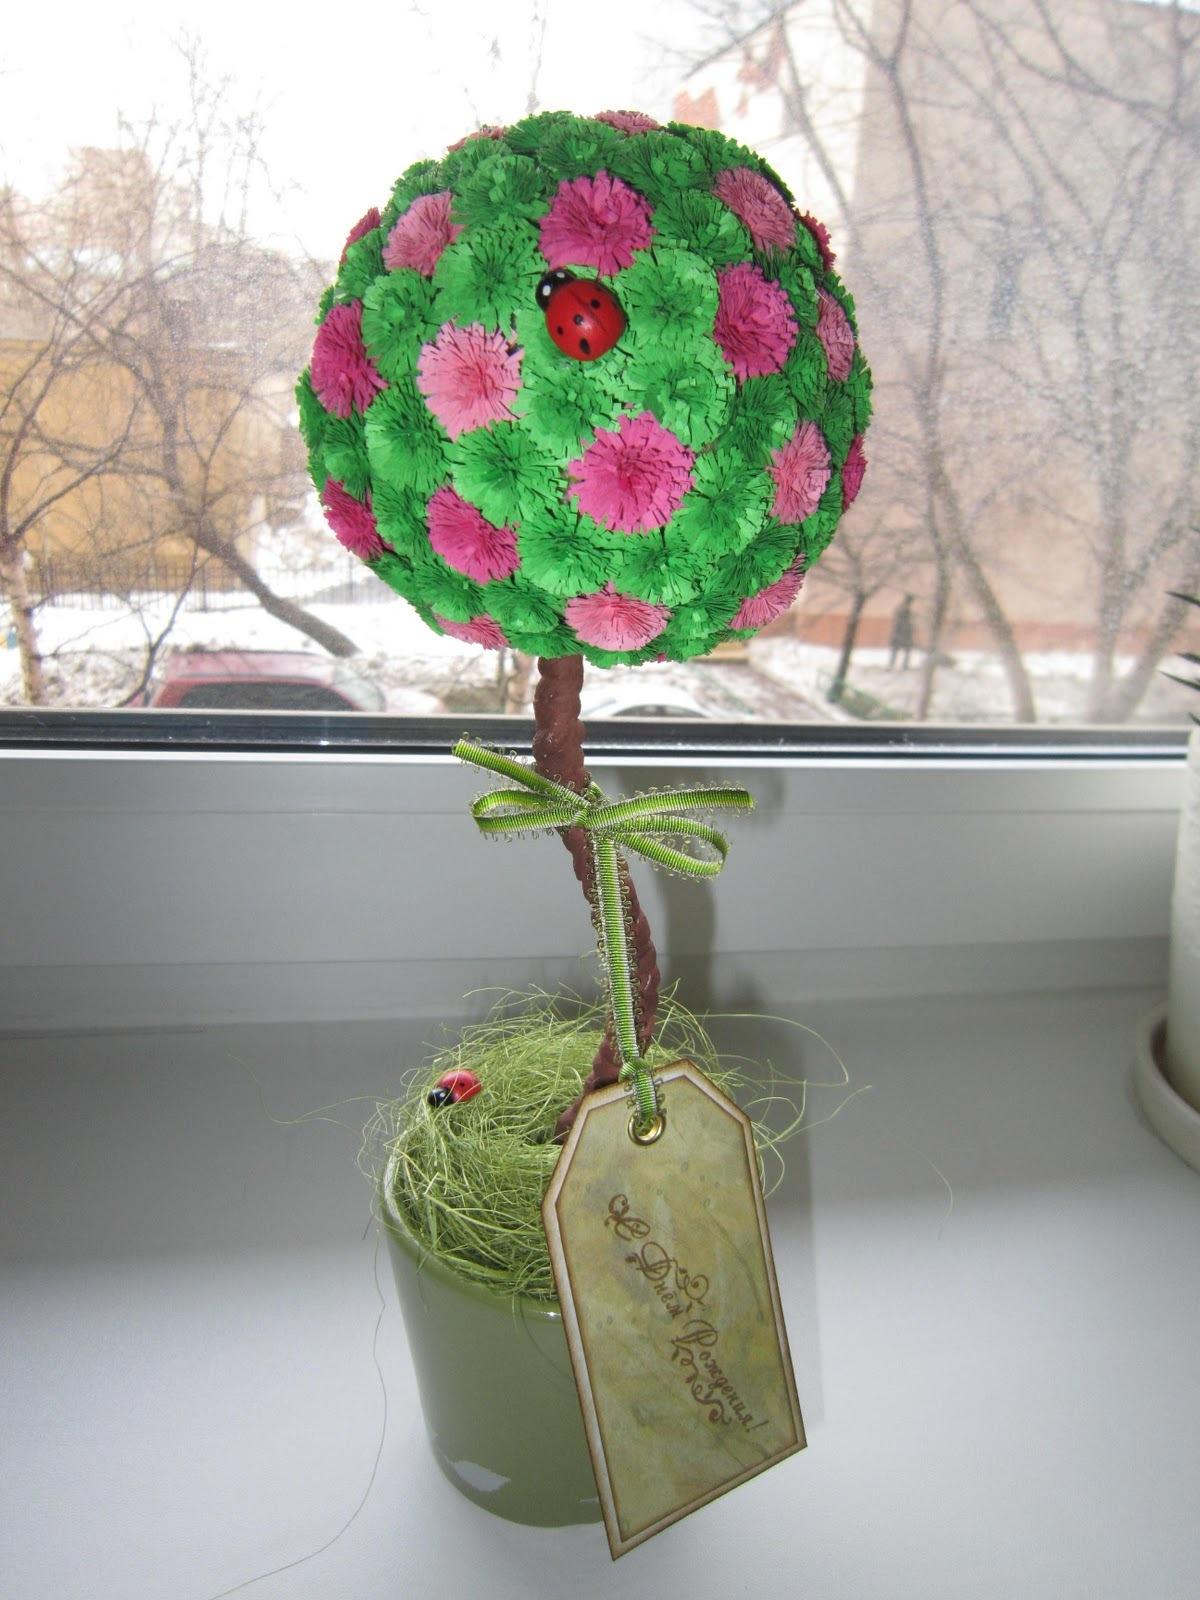 Шар для кроны можно декорировать цветами, камешками, ракушками, зернами кофе.